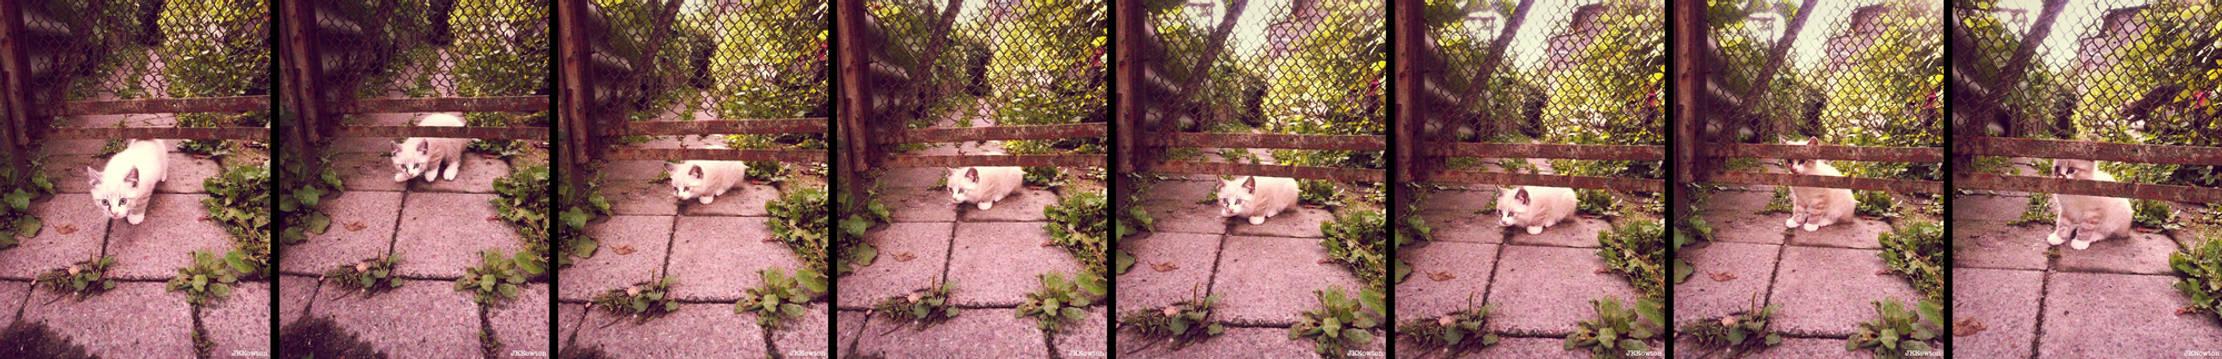 20110715::Naughty kittens 6